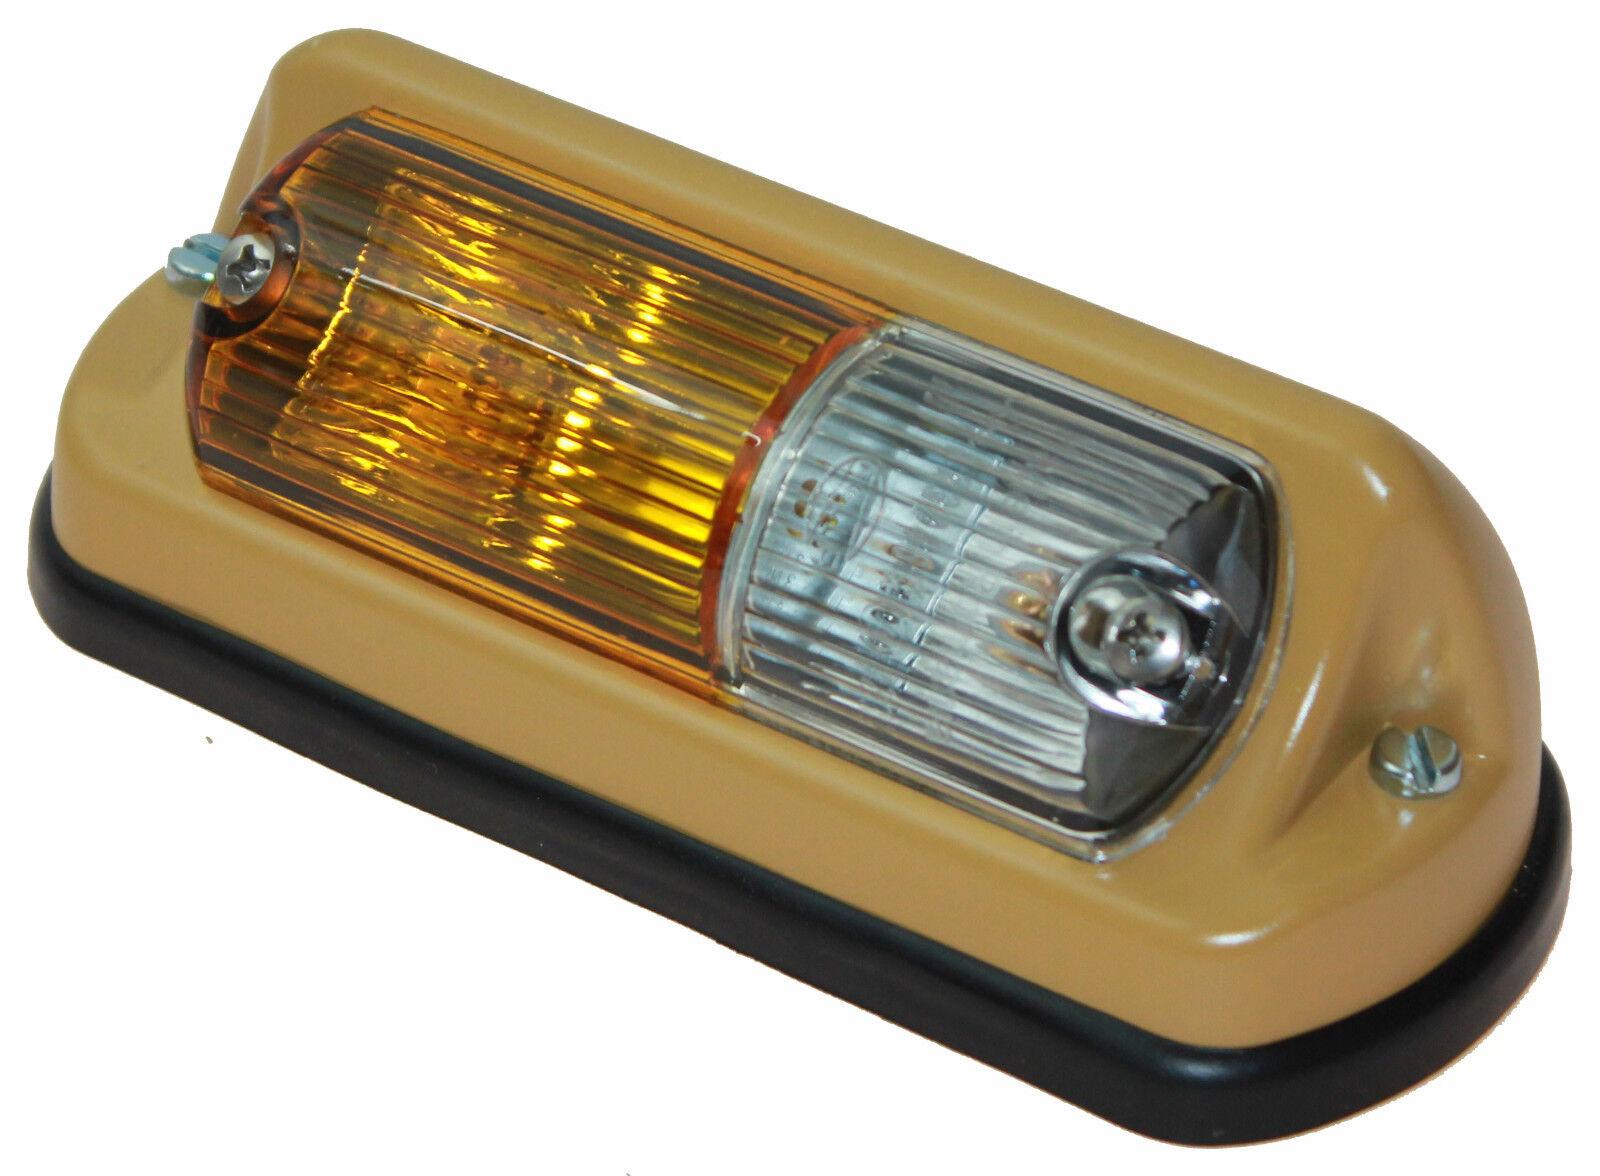 12V HELLA 2BE 357 022-001 Blinkleuchte LED